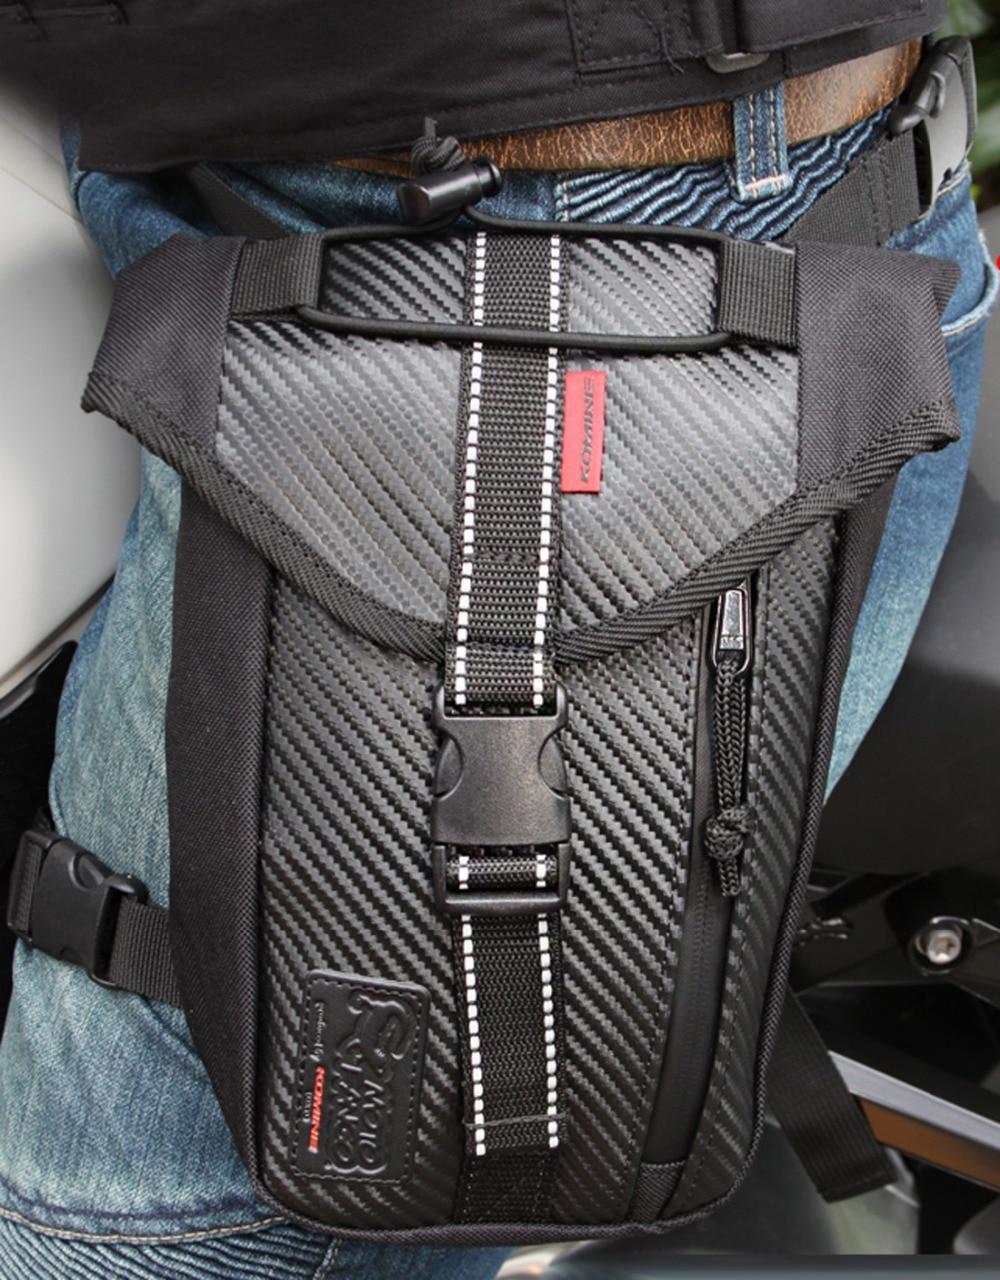 Mäns Vattentät Drop Leg Väska Multi-Purse Fanny Pack Midja Lår Hip Bum Belt Motorcykel Militär Tactical för Ridning Väska